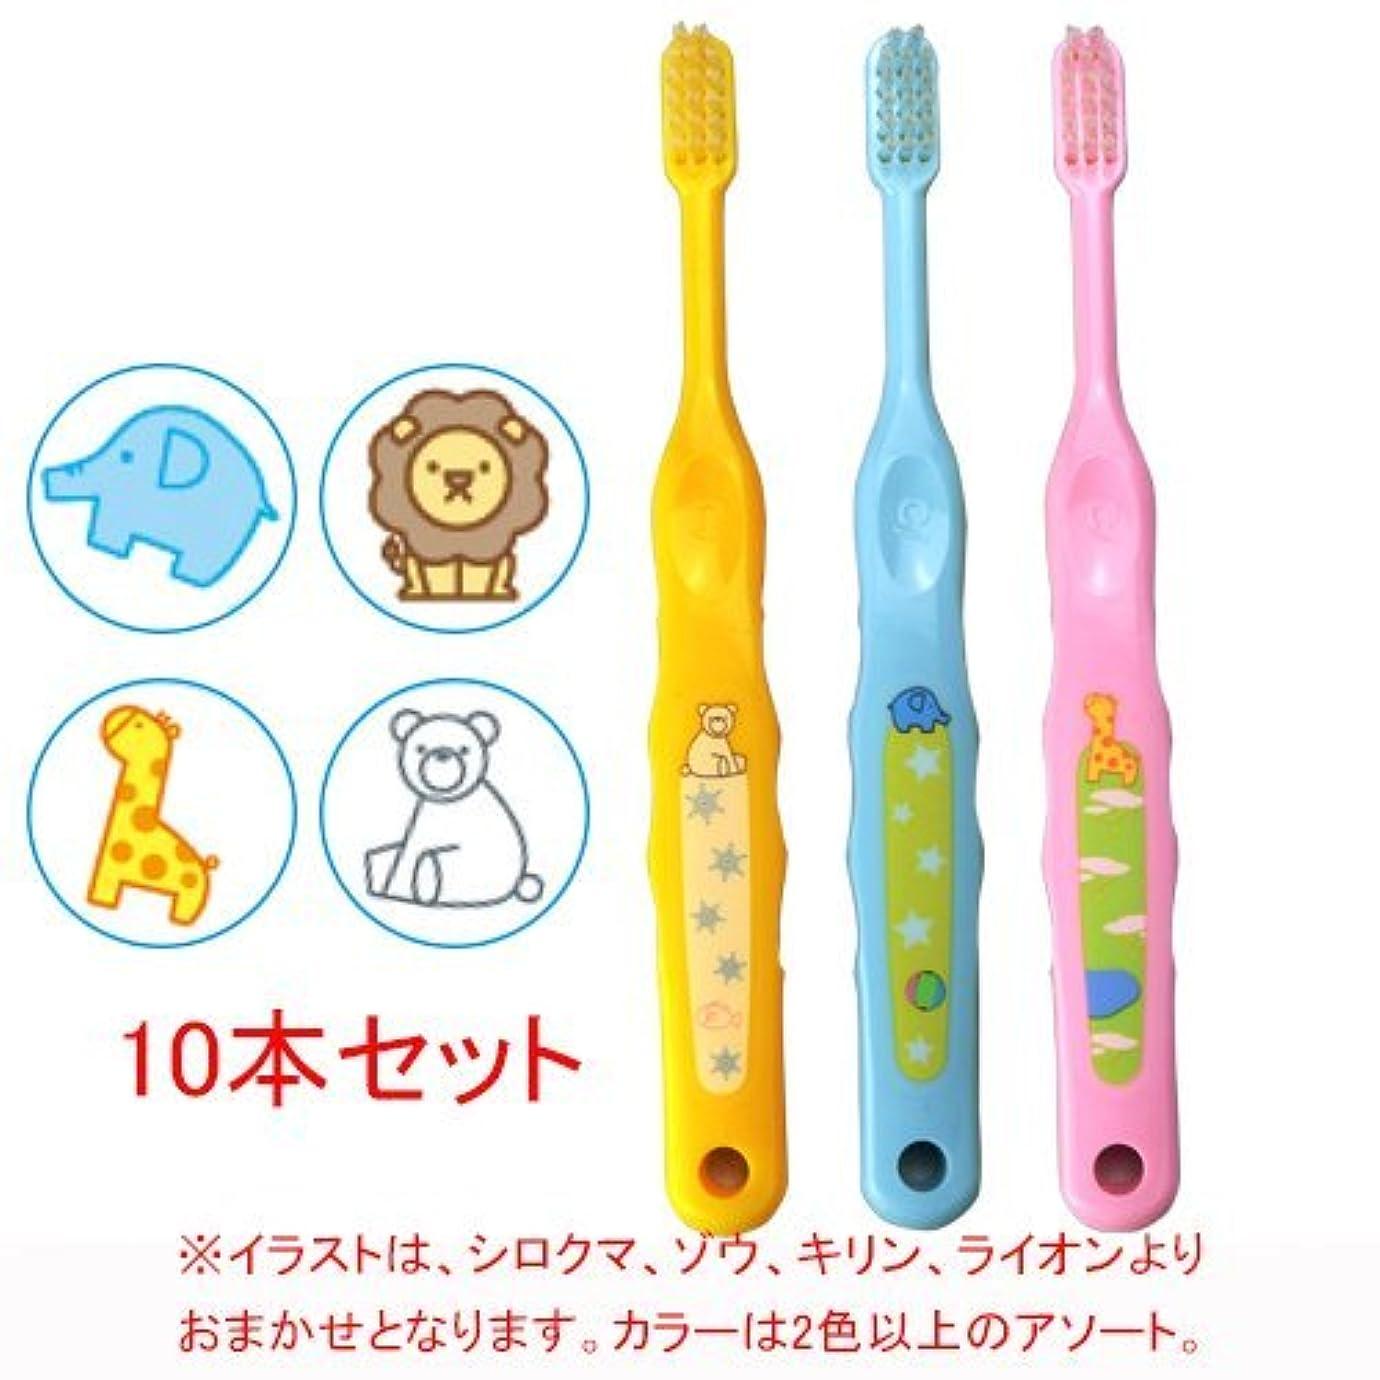 侵略宿題をする隠すCiメディカル Ci なまえ歯ブラシ 502 (ふつう) (乳児~小学生向)10本